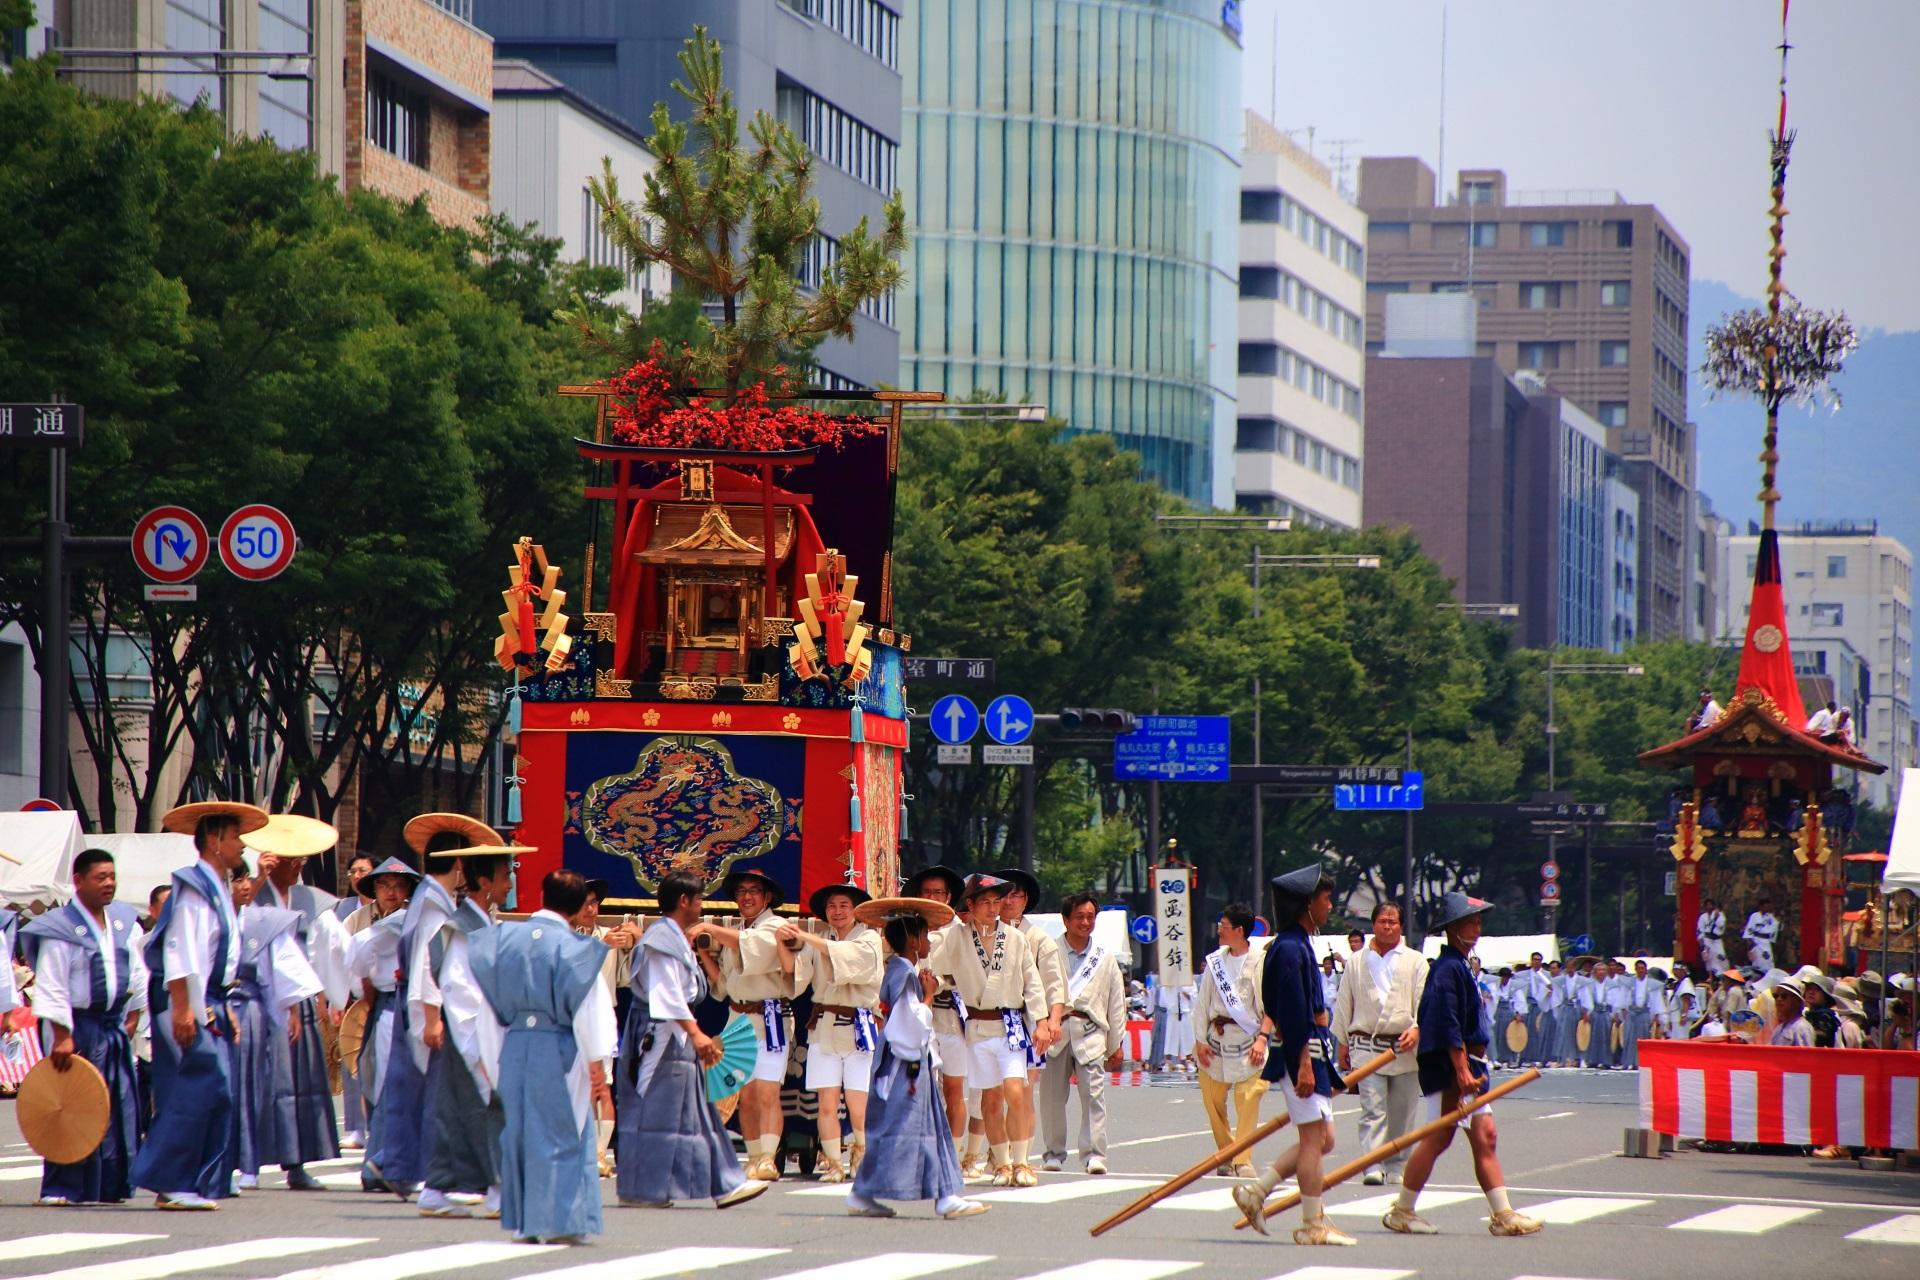 金箔の社殿に紅梅が飾られた菅原道真ゆかりの油天神山と後ろに続く大きな函谷鉾